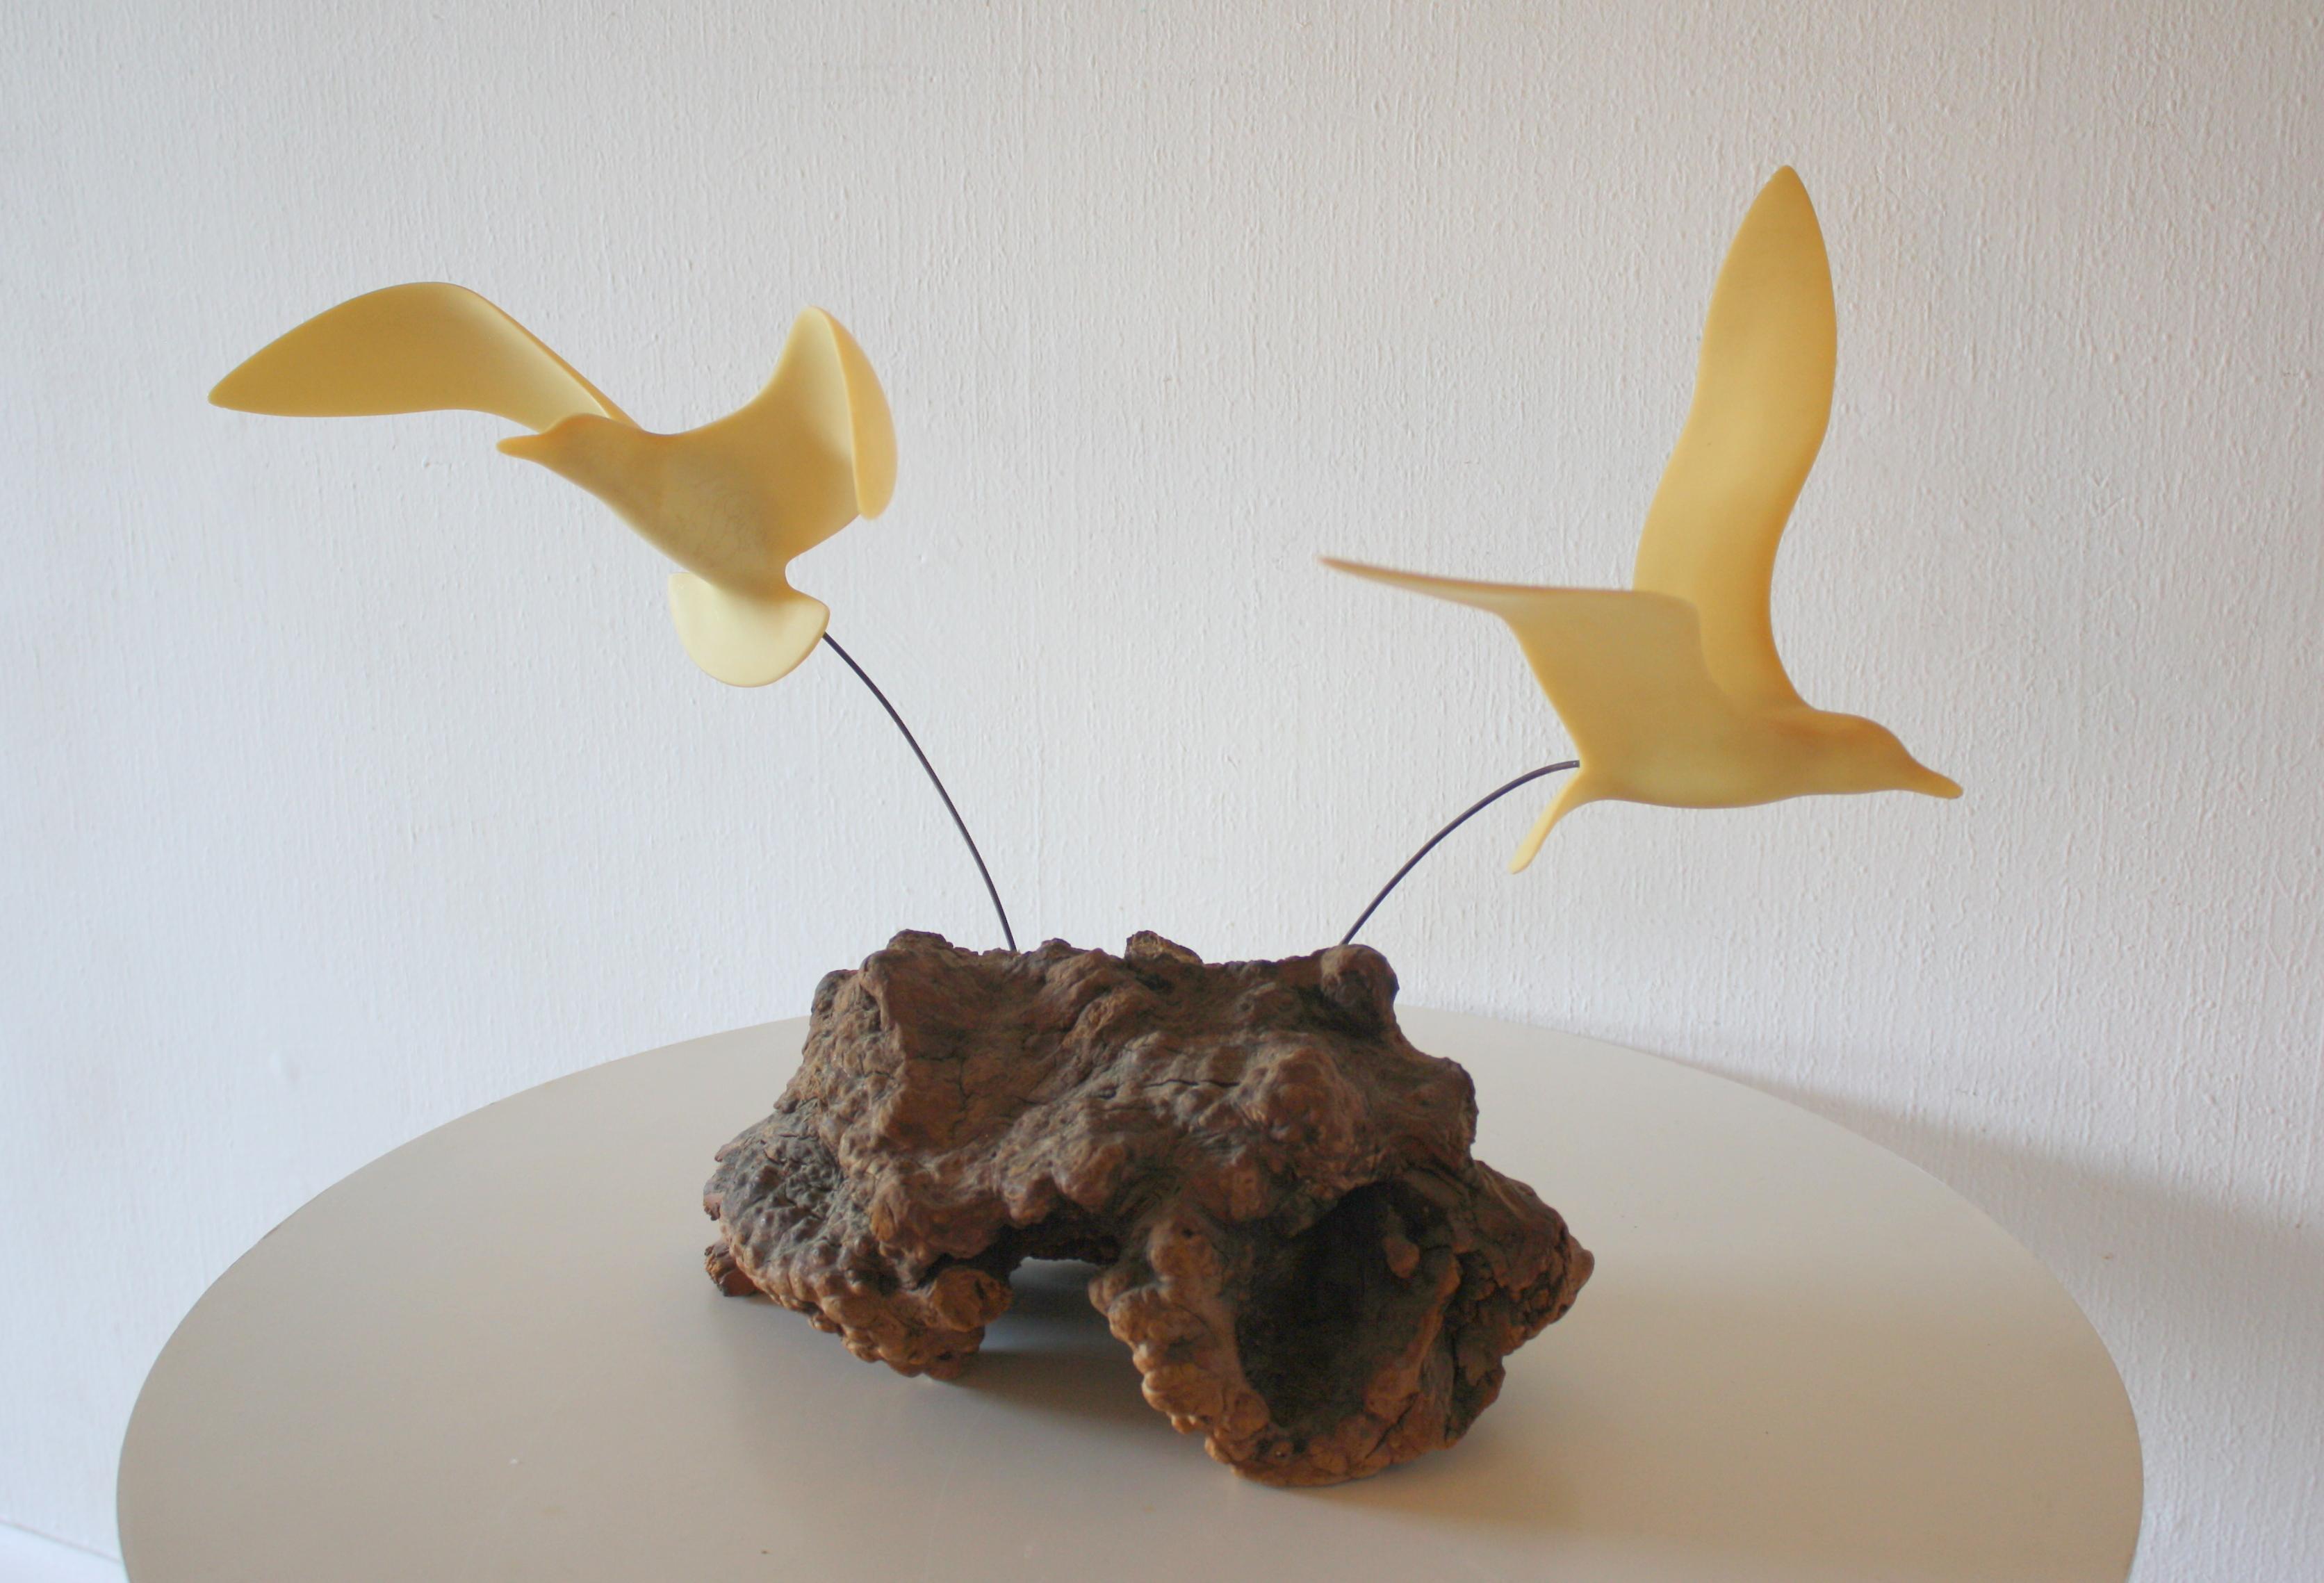 burl sculpture with birds 1